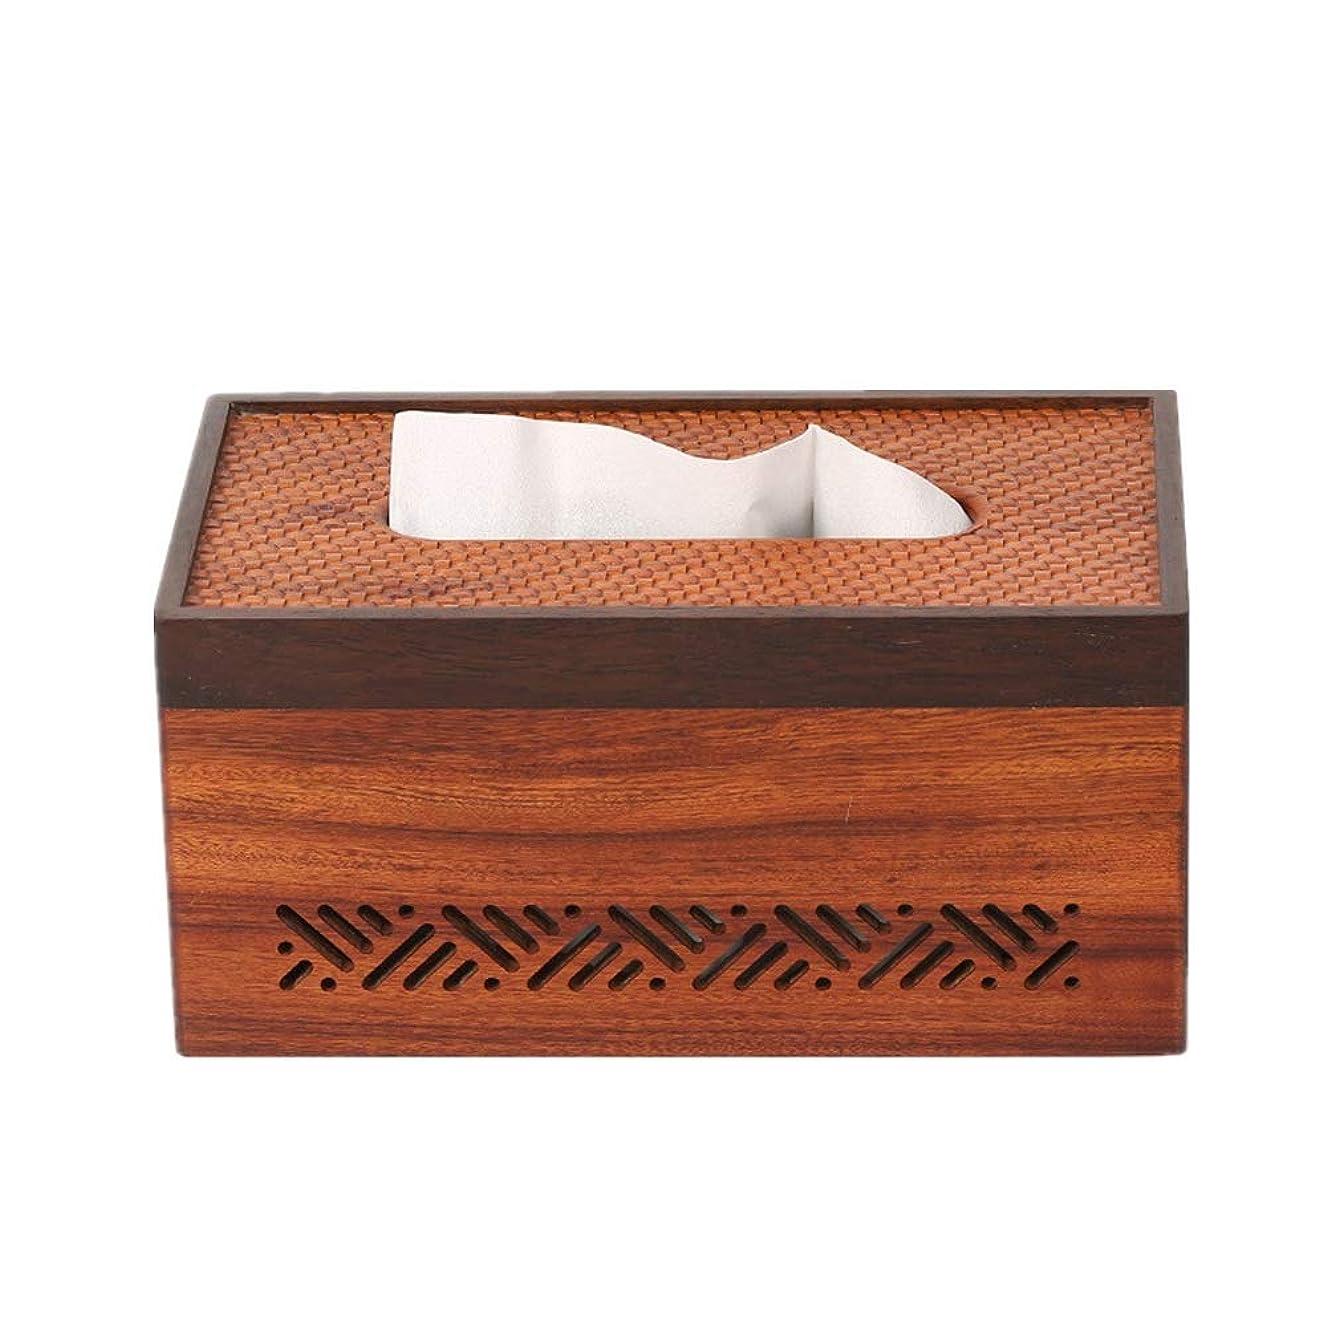 最も遠いストラップ添加木製クラフトティッシュボックス クリエイティブリビングルームのティッシュボックス装飾木製のシンプルな中国スタイルの家庭のコーヒーテーブル 家庭用シンプル木製ティッシュボックス (色 : Picture color, Size : Free size)